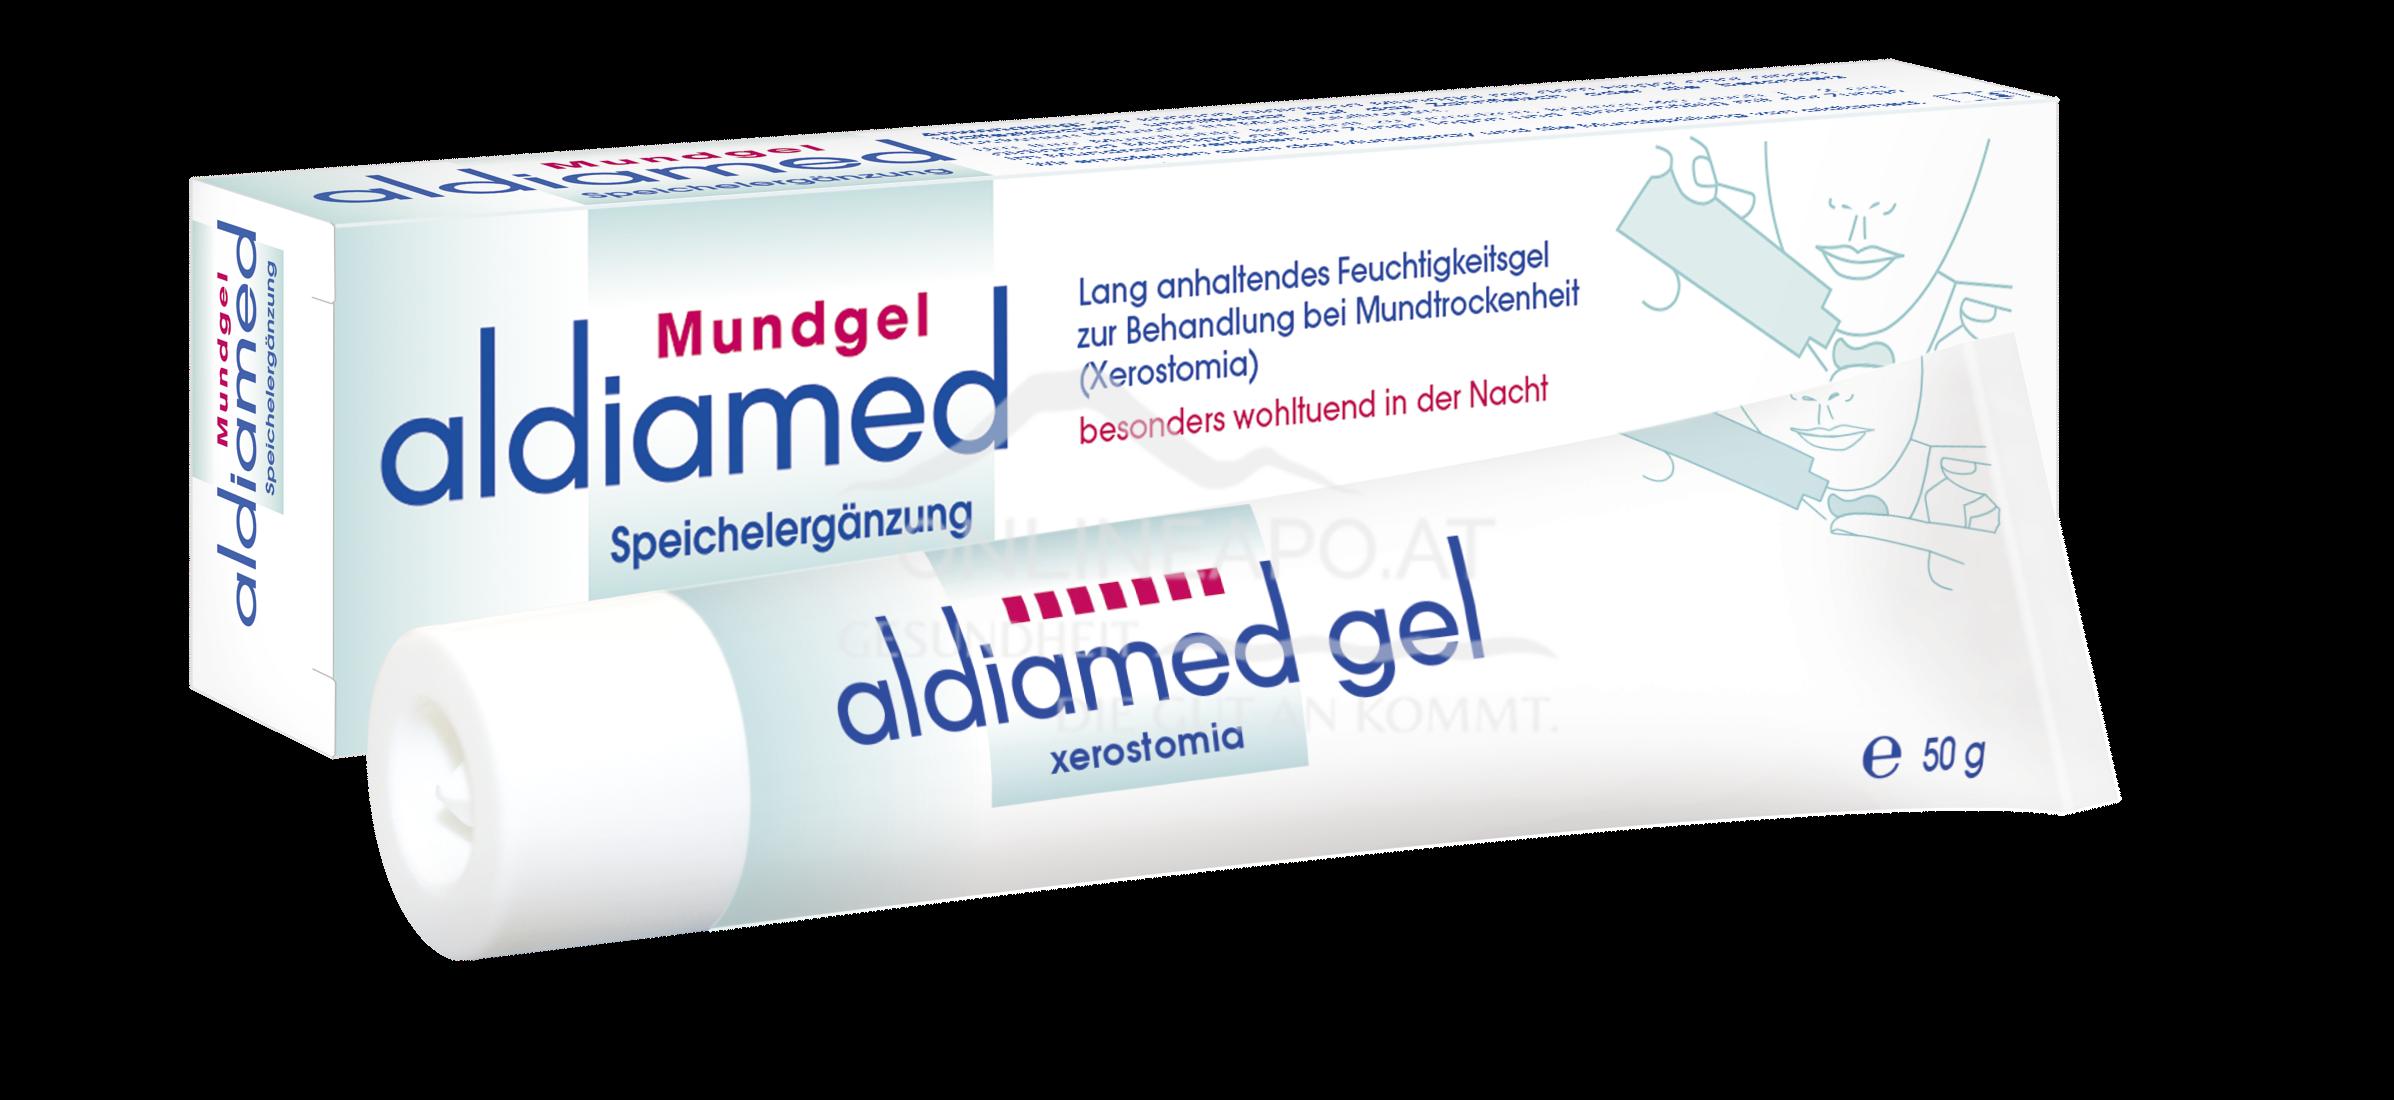 aldiamed Mundgel